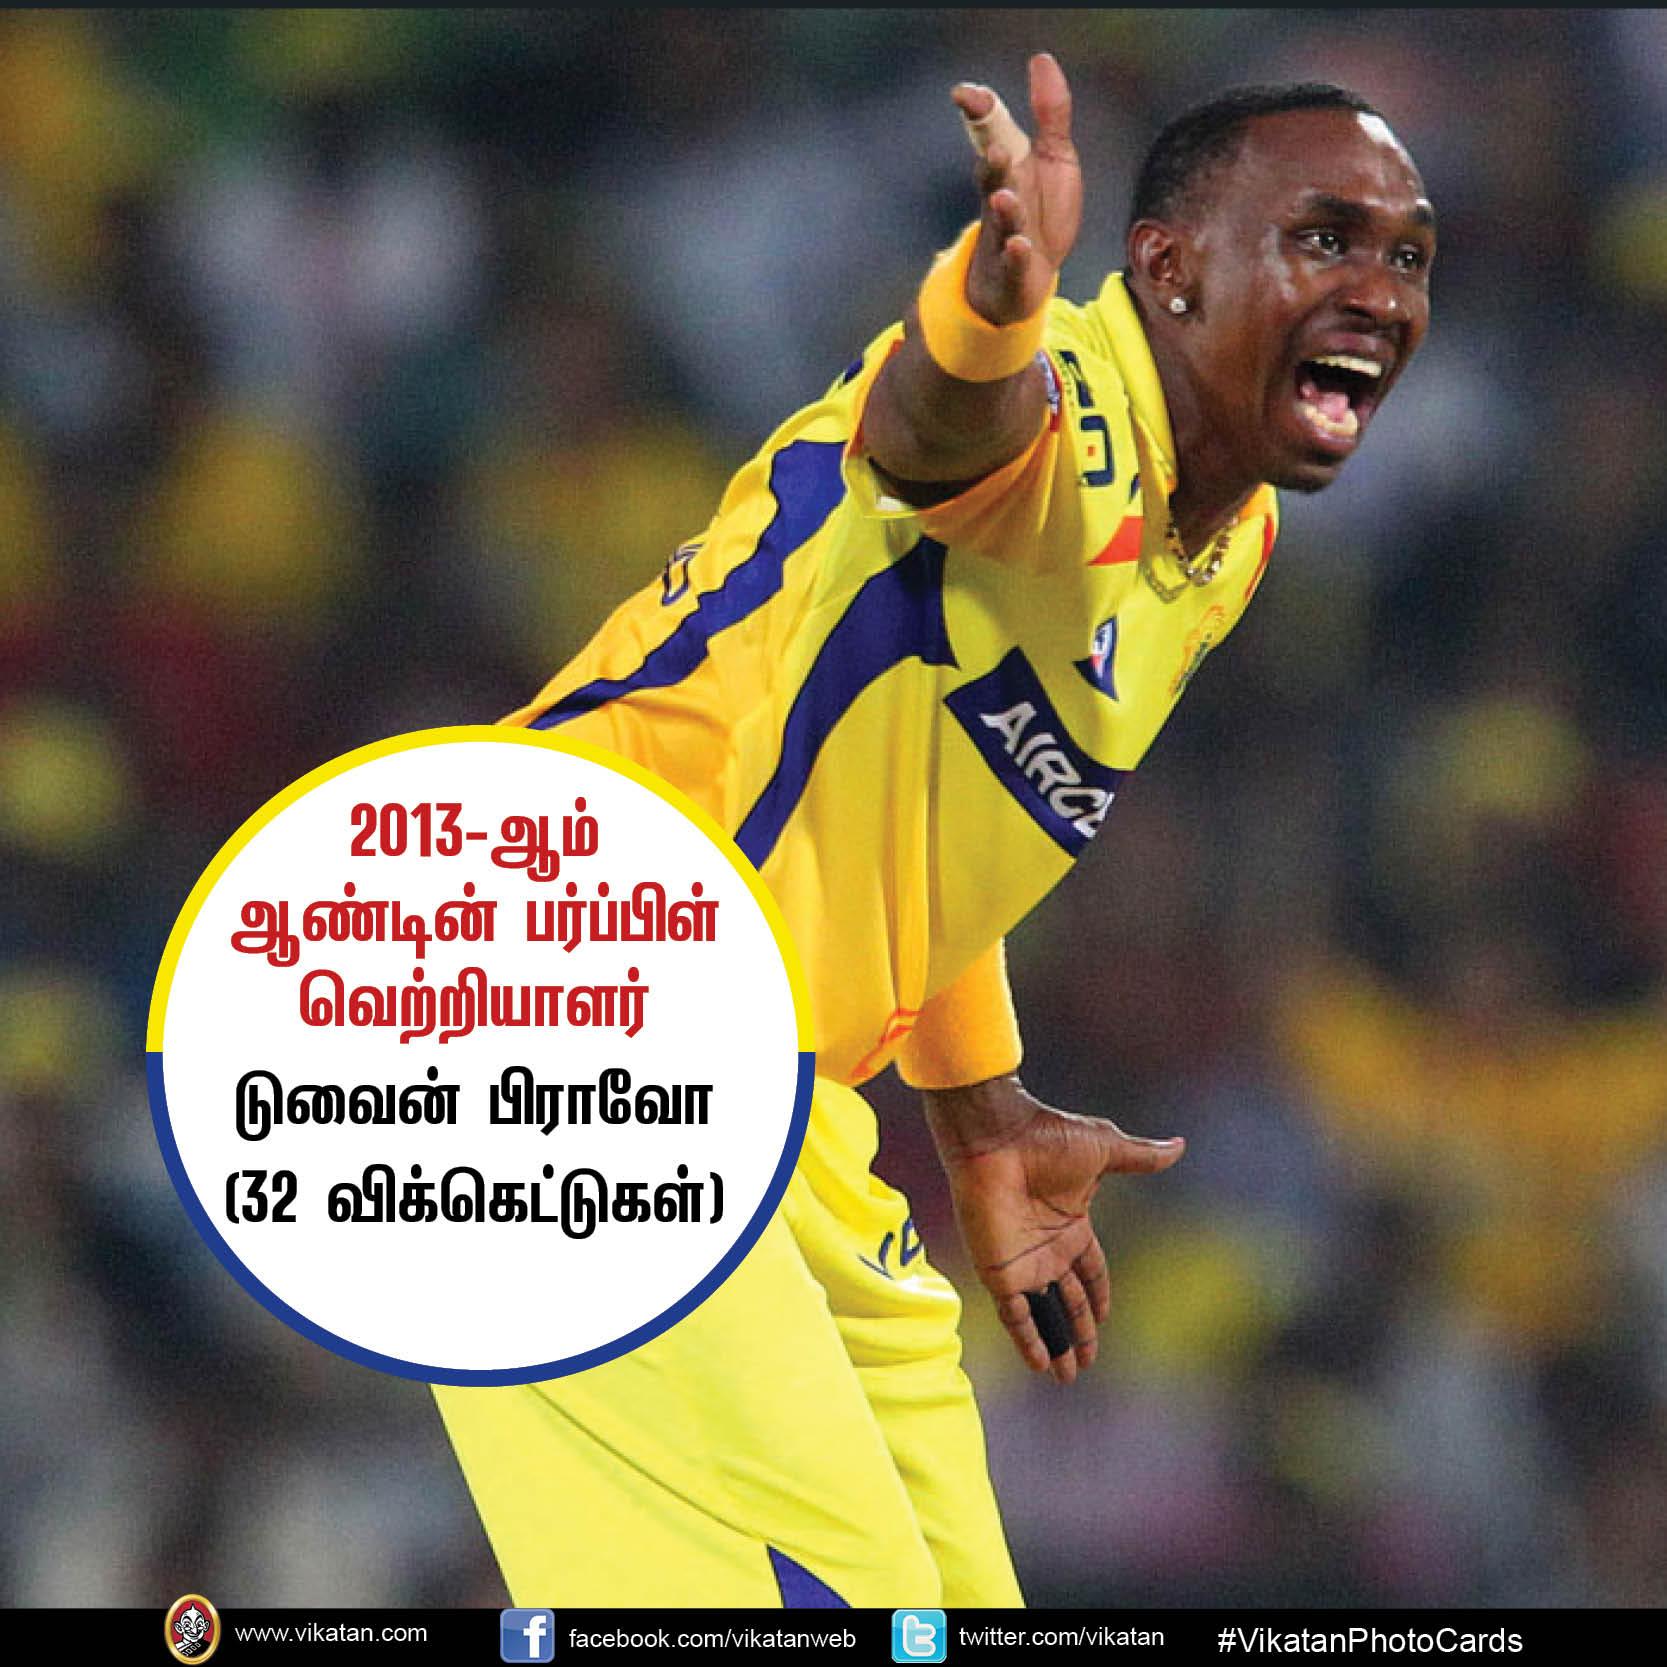 முதல் ஹாட்ரிக்... நீளமான சிக்ஸ்... இன்னும் என்ன என்ன ரெக்கார்ட் #CSK வசம் தெரியுமா? #VikatanPhotoCards #IPL